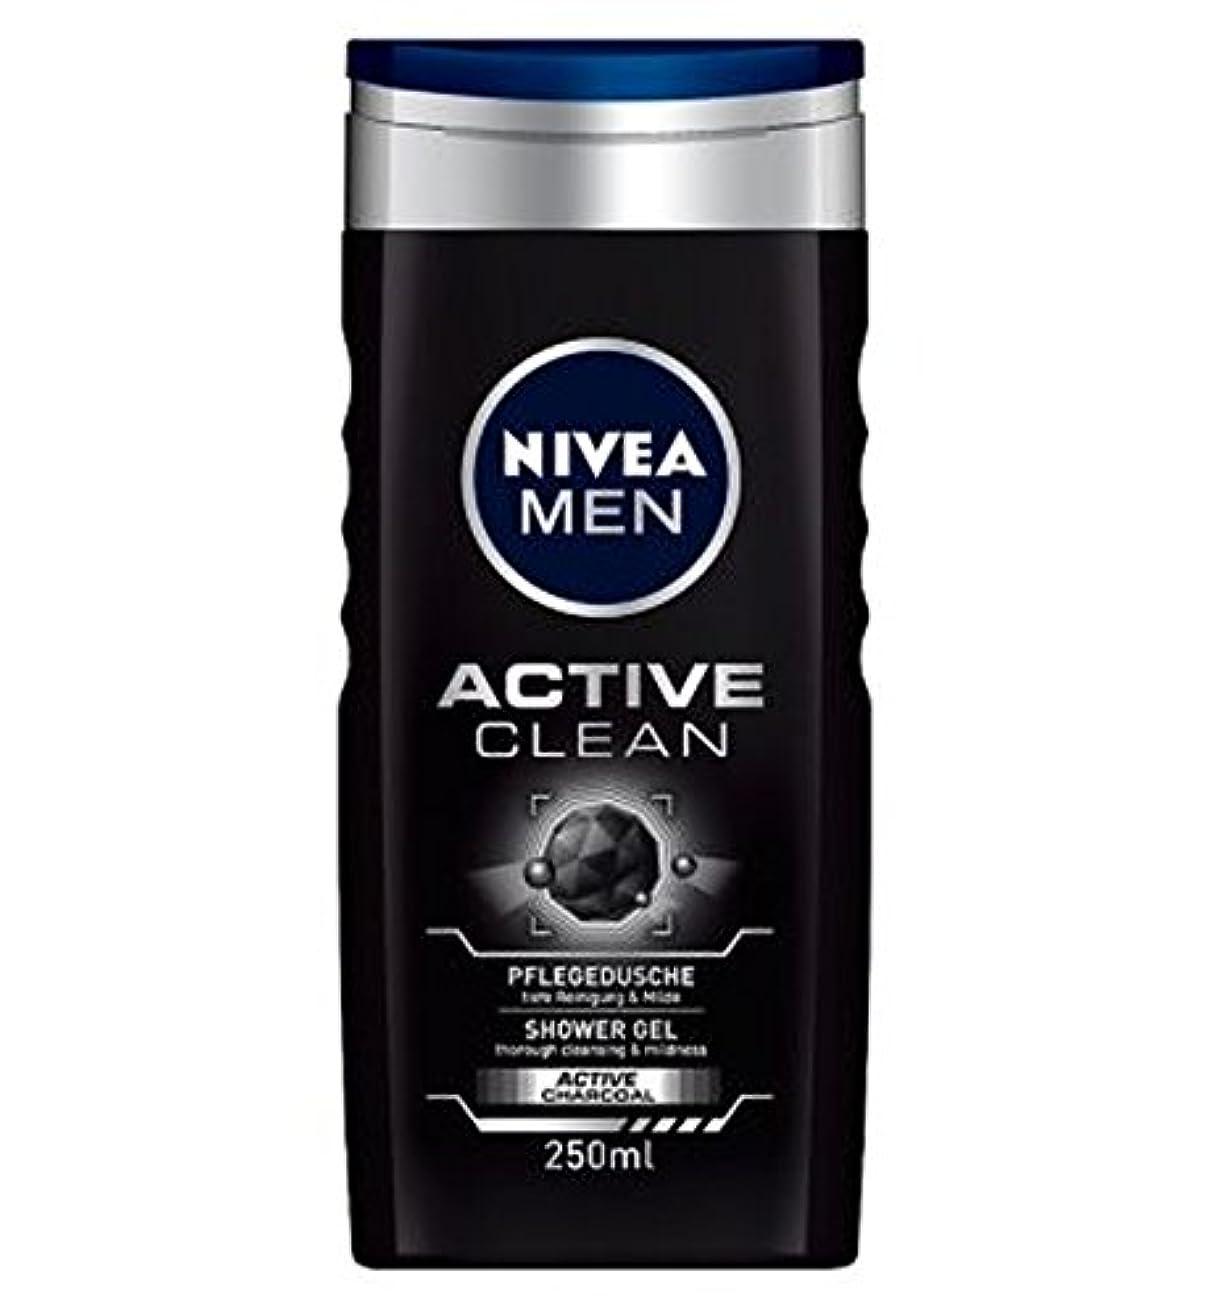 手錠パイント効果ニベアの男性アクティブクリーンシャワージェル250ミリリットル (Nivea) (x2) - NIVEA MEN Active Clean Shower Gel 250ml (Pack of 2) [並行輸入品]